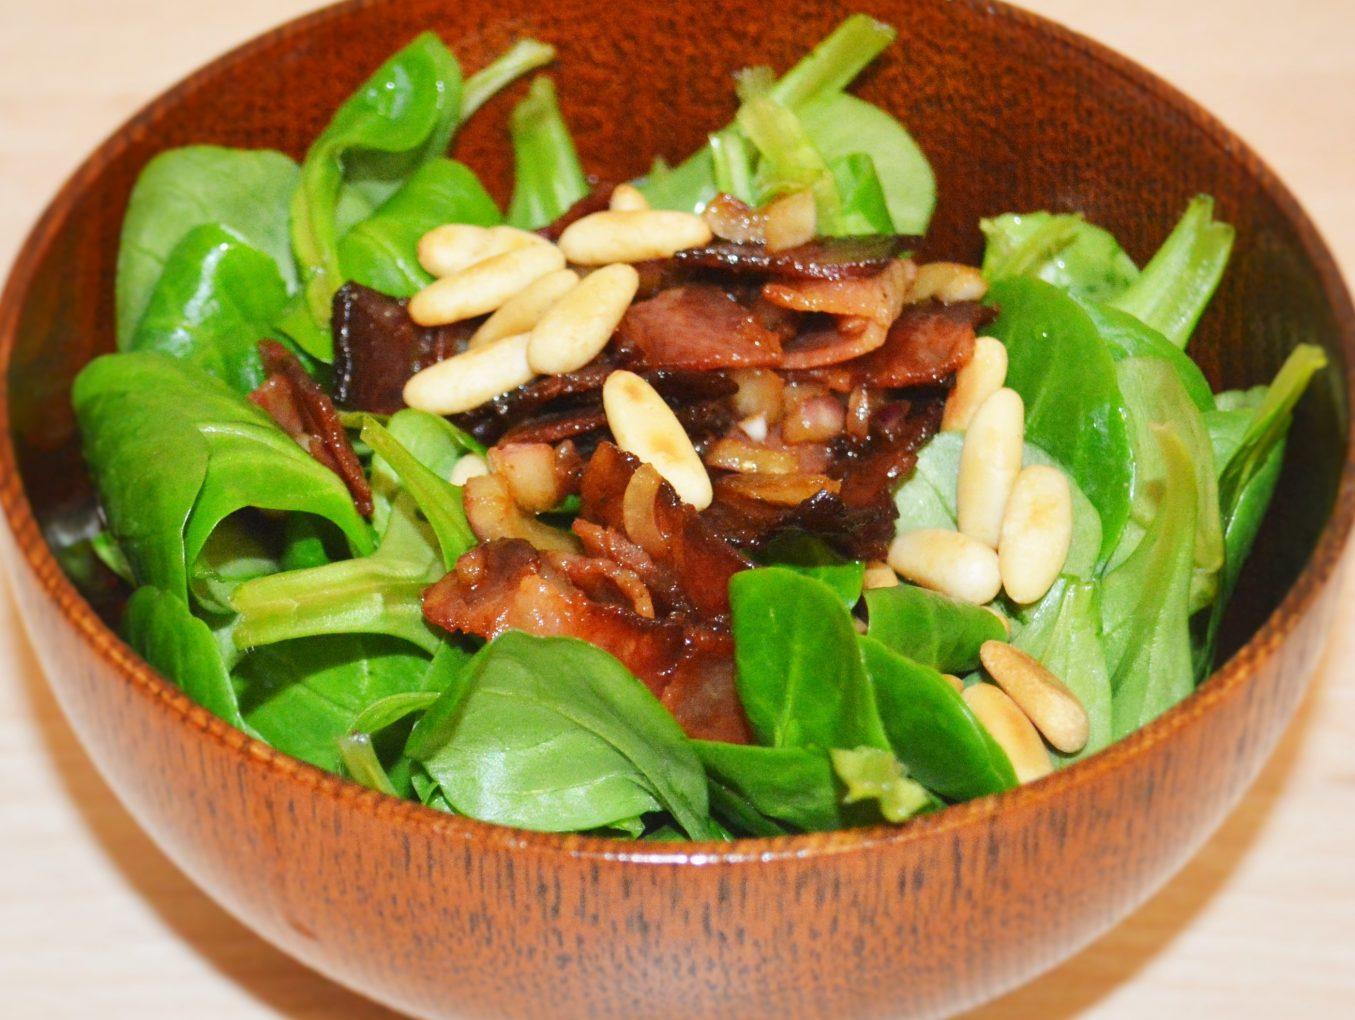 Feldsalat mit Dörrfleisch und Pinienkernen